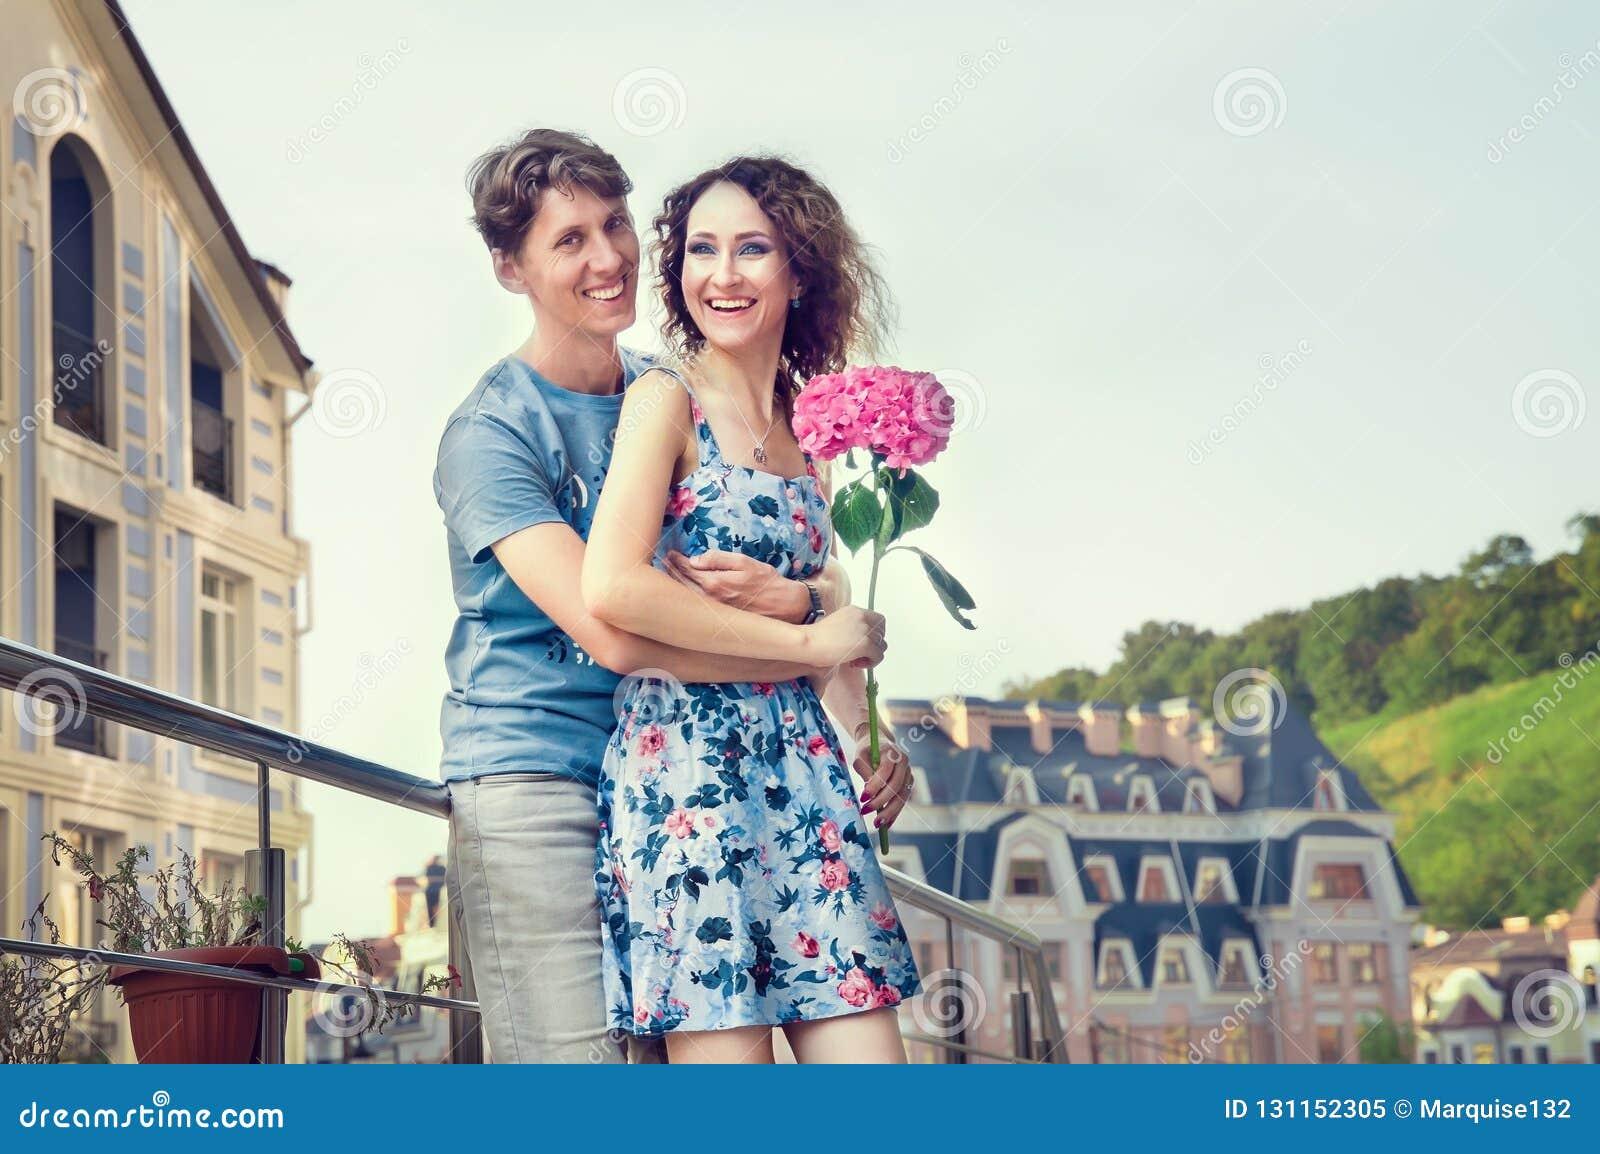 Un couple affectueux est embrassant et riant heureusement dans la perspective d une vieille rue et d un ciel clair La fille dans